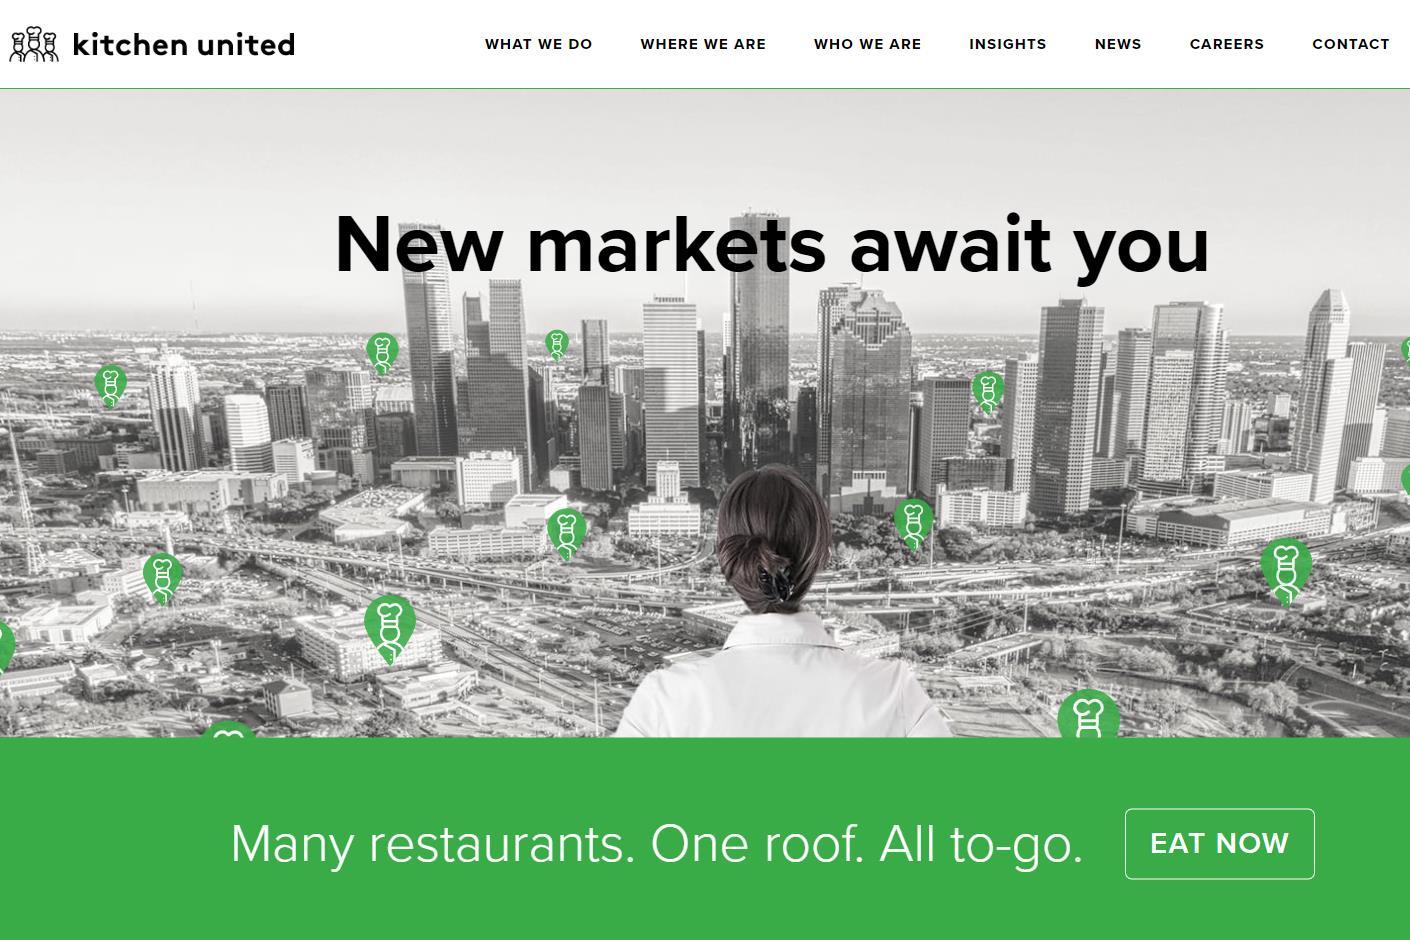 共享厨房初创公司 Kitchen United 完成 4000万美元 B 融资